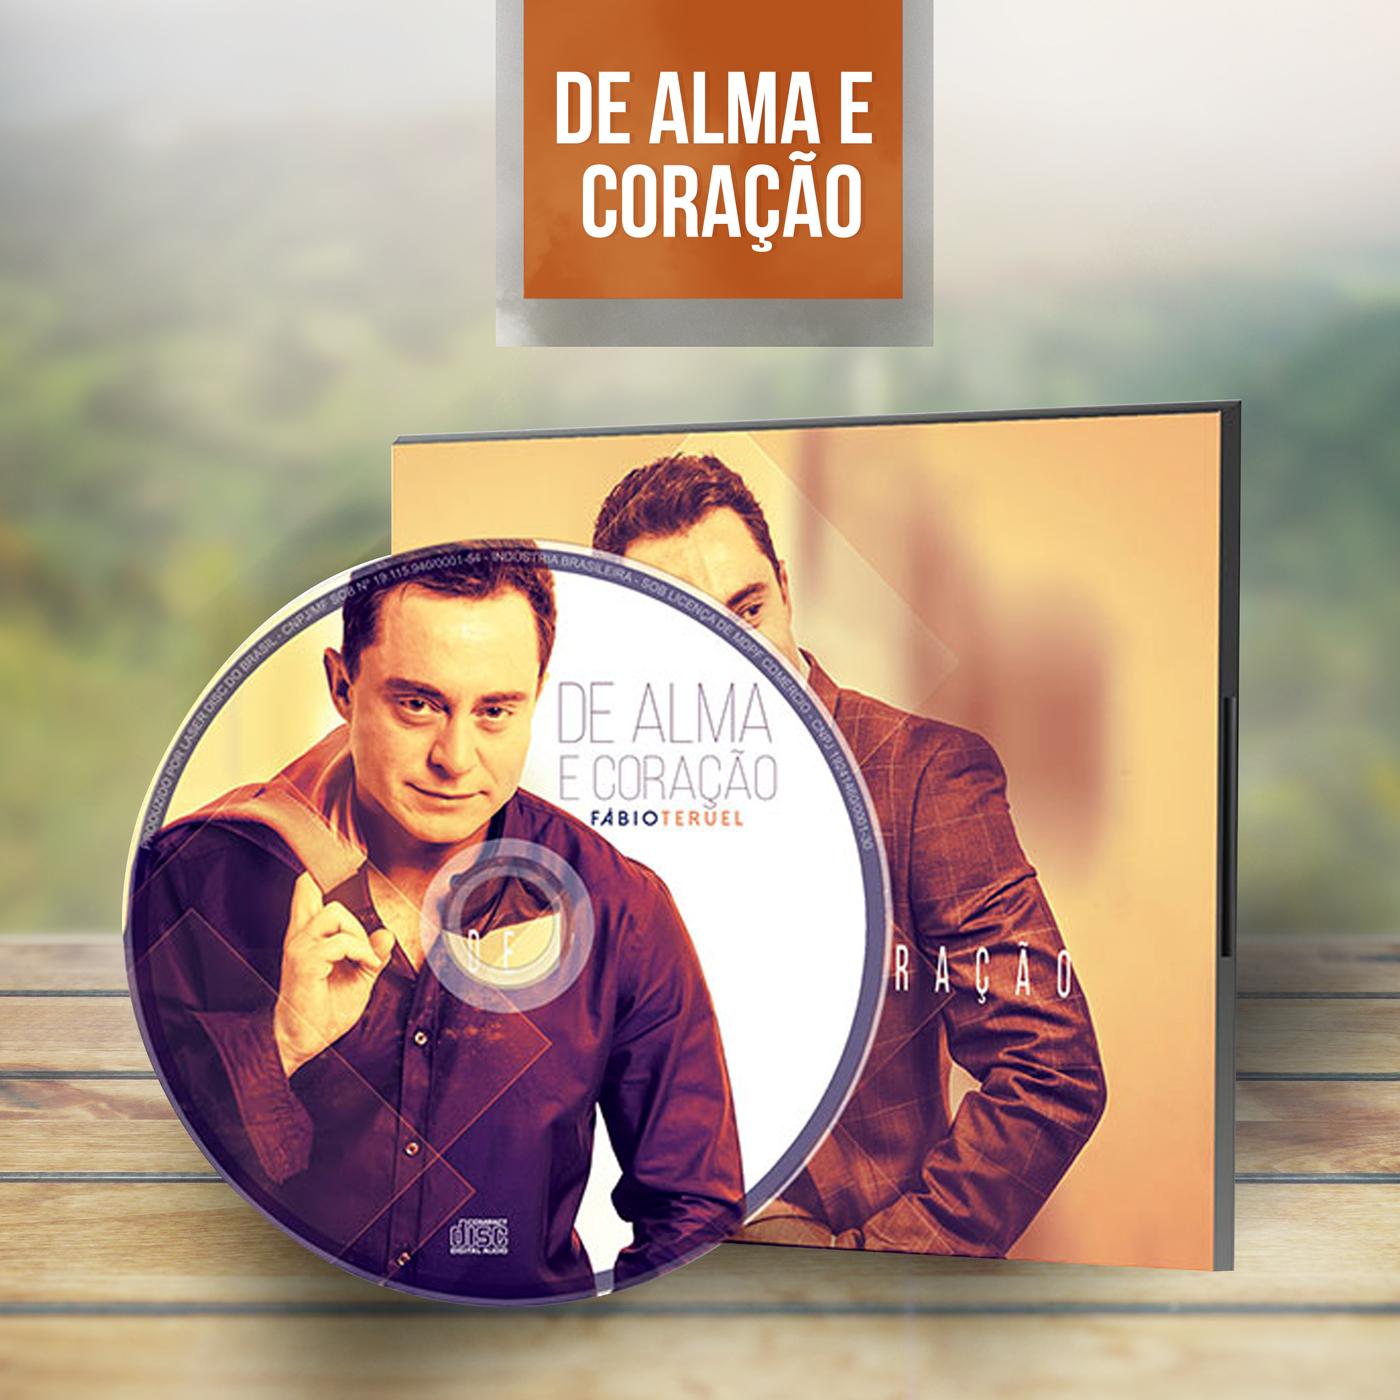 CD Fábio Teruel - De Alma e Coração